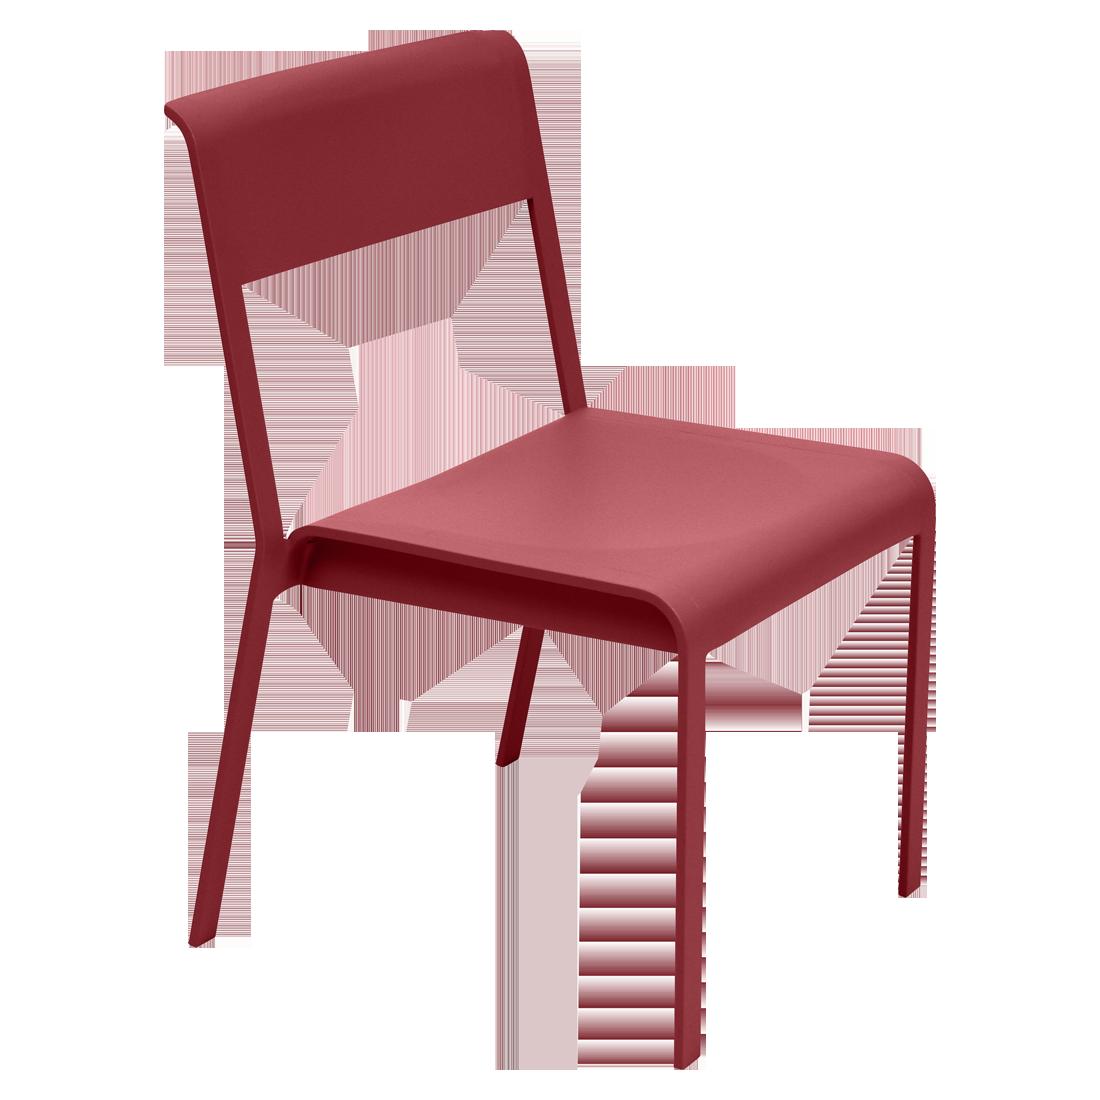 Gartenstühle  Jetzt bei Desigano.com Bellevie Stuhl Gartenmöbel, Gartenstühle ...